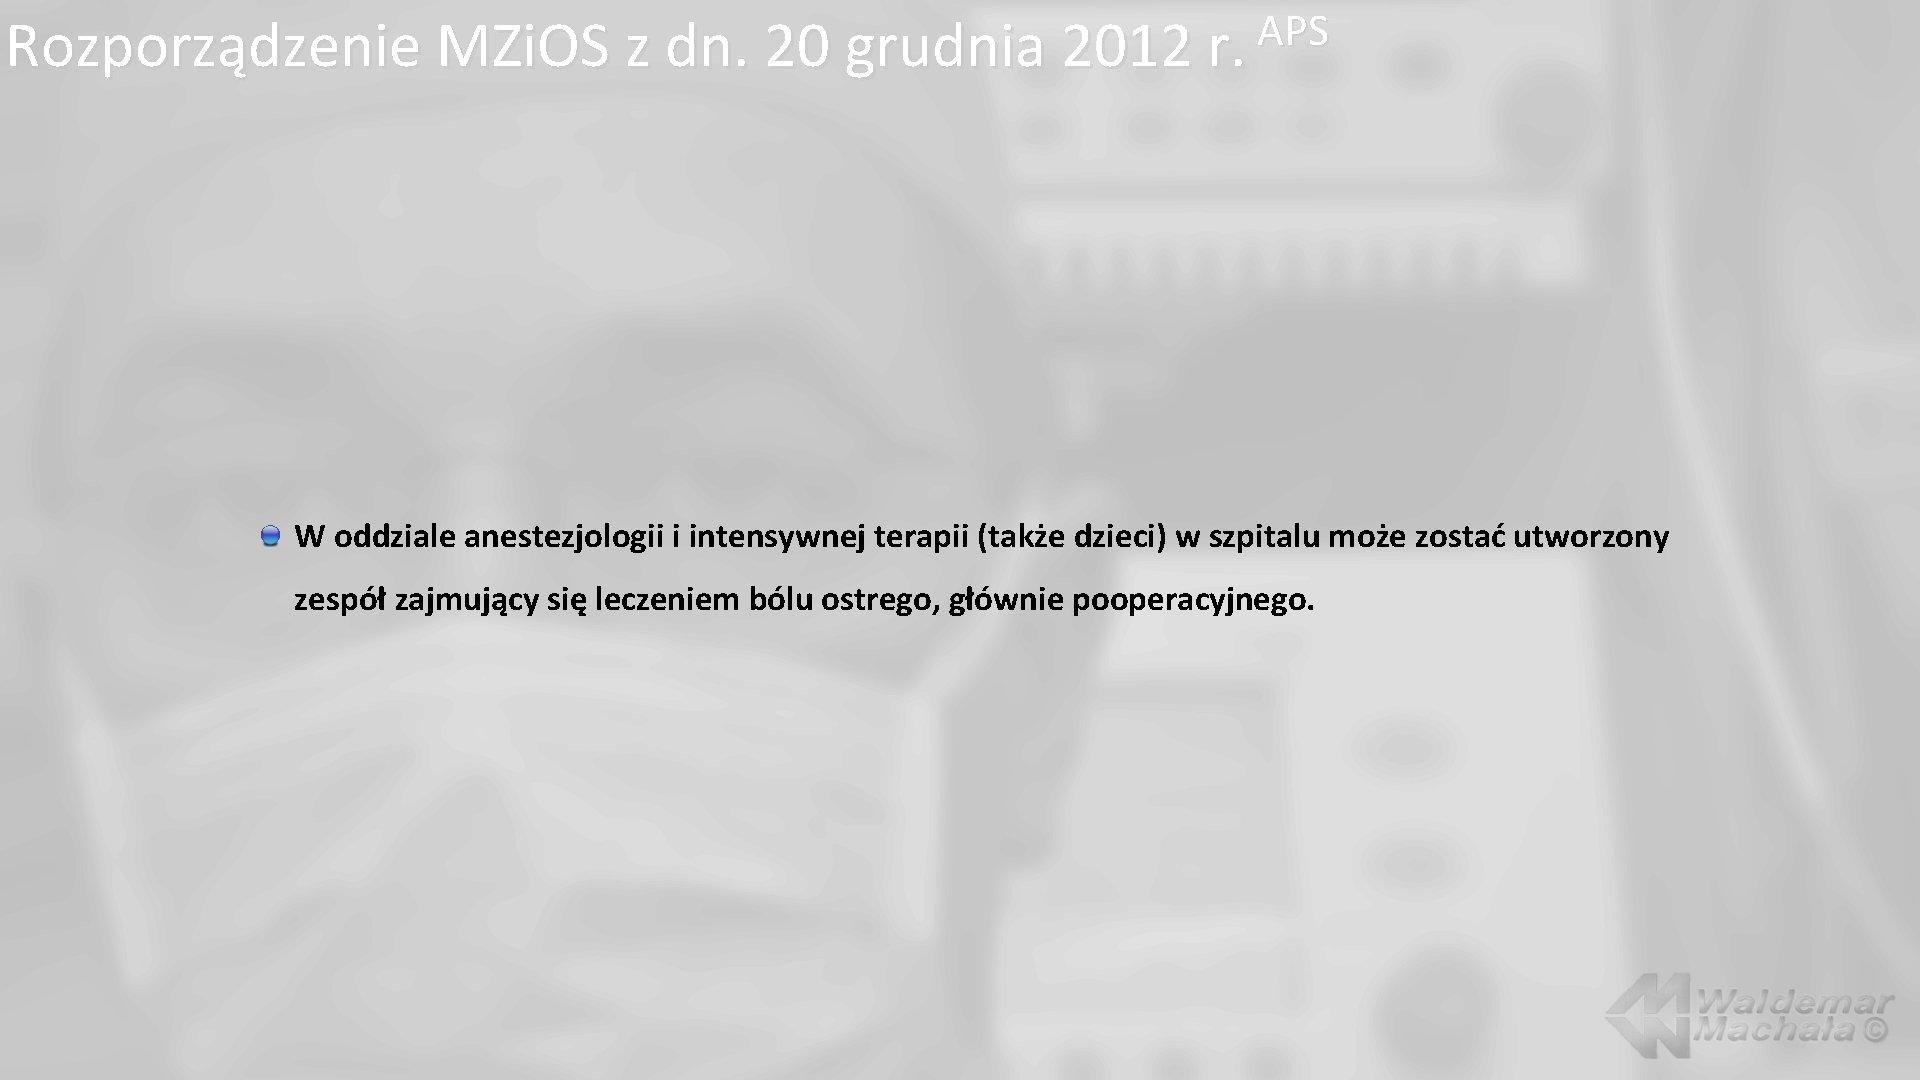 APS Rozporządzenie MZi. OS z dn. 20 grudnia 2012 r. W oddziale anestezjologii i